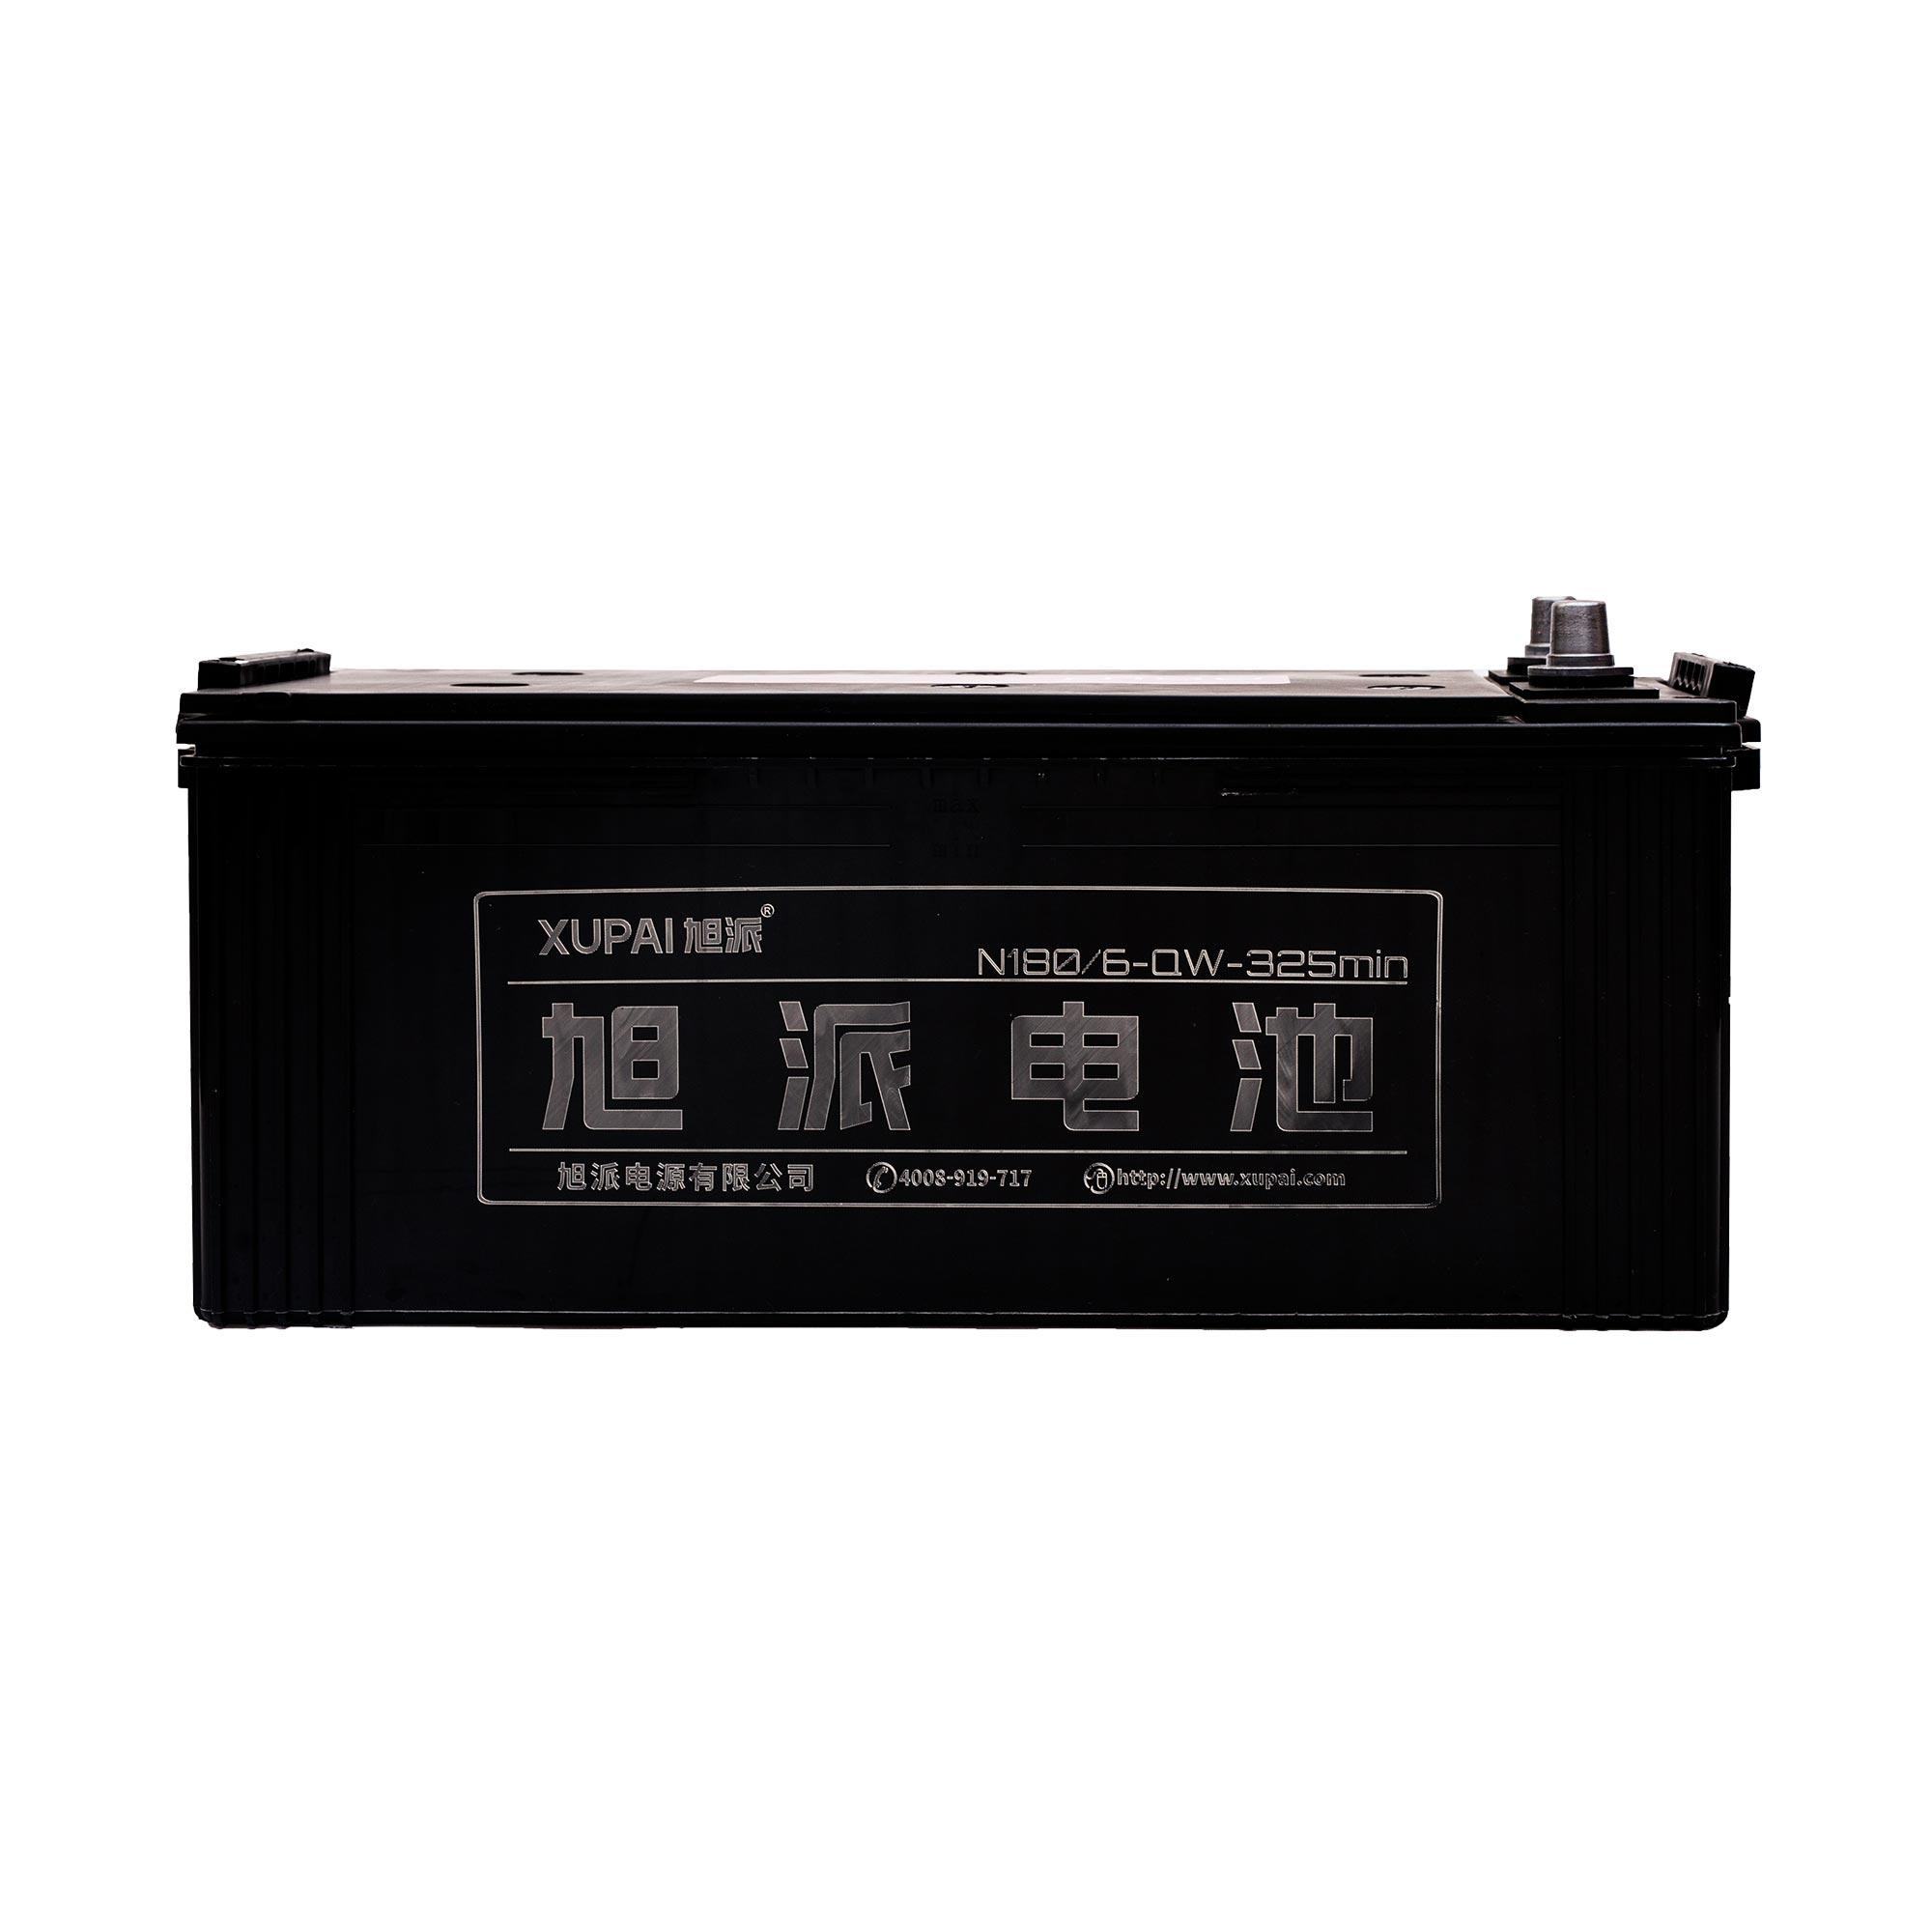 旭派6-QW-325MIN/N180长寿命汽车启停电池